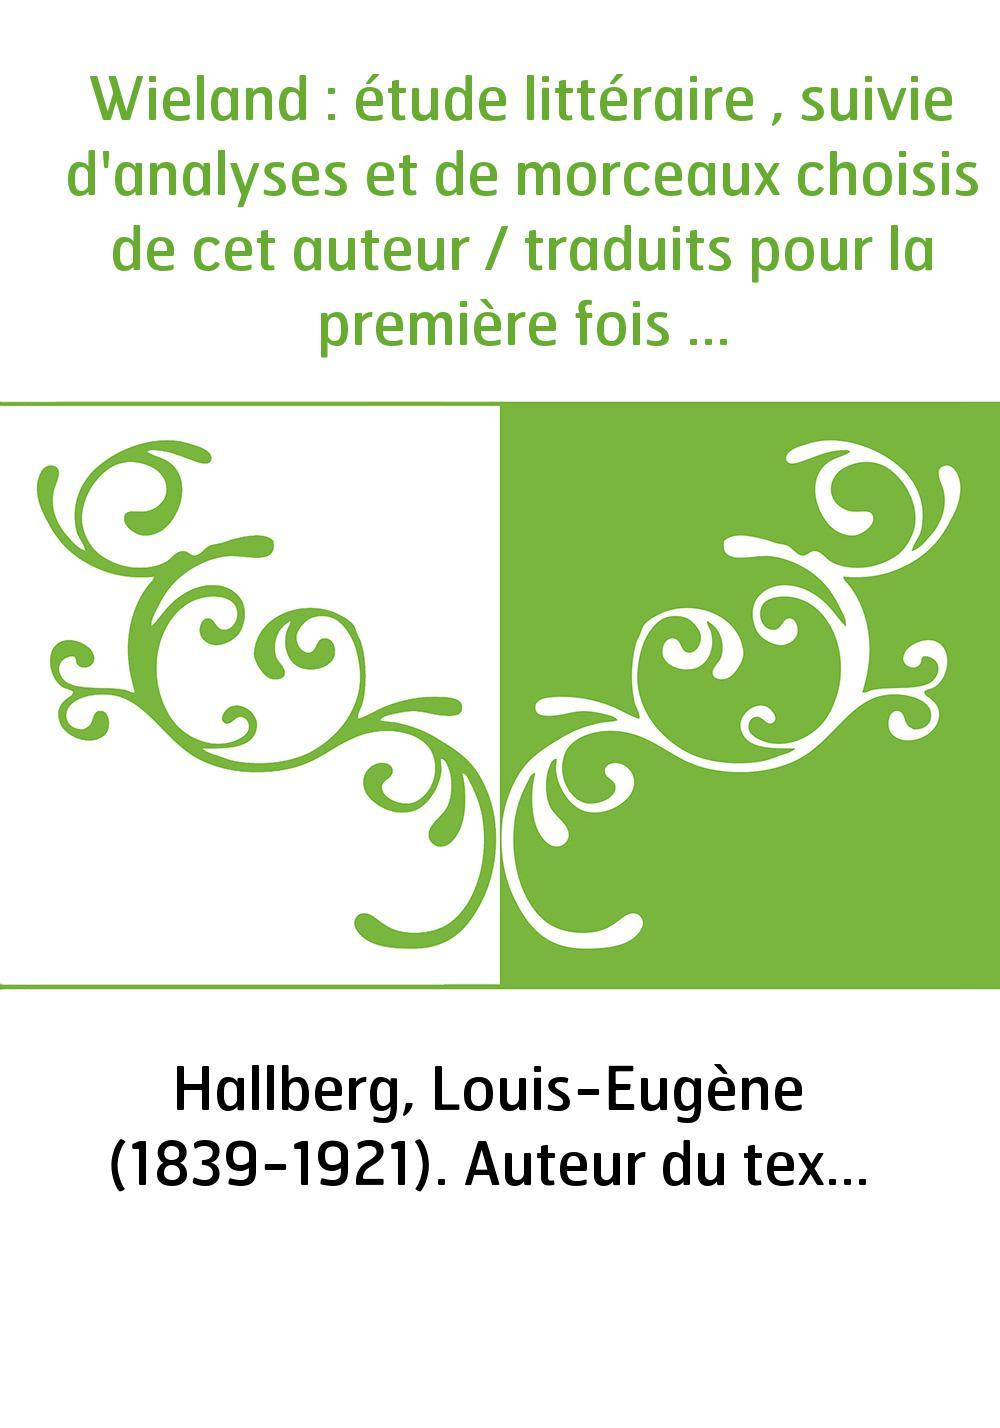 Wieland : étude littéraire , suivie d'analyses et de morceaux choisis de cet auteur / traduits pour la première fois en français